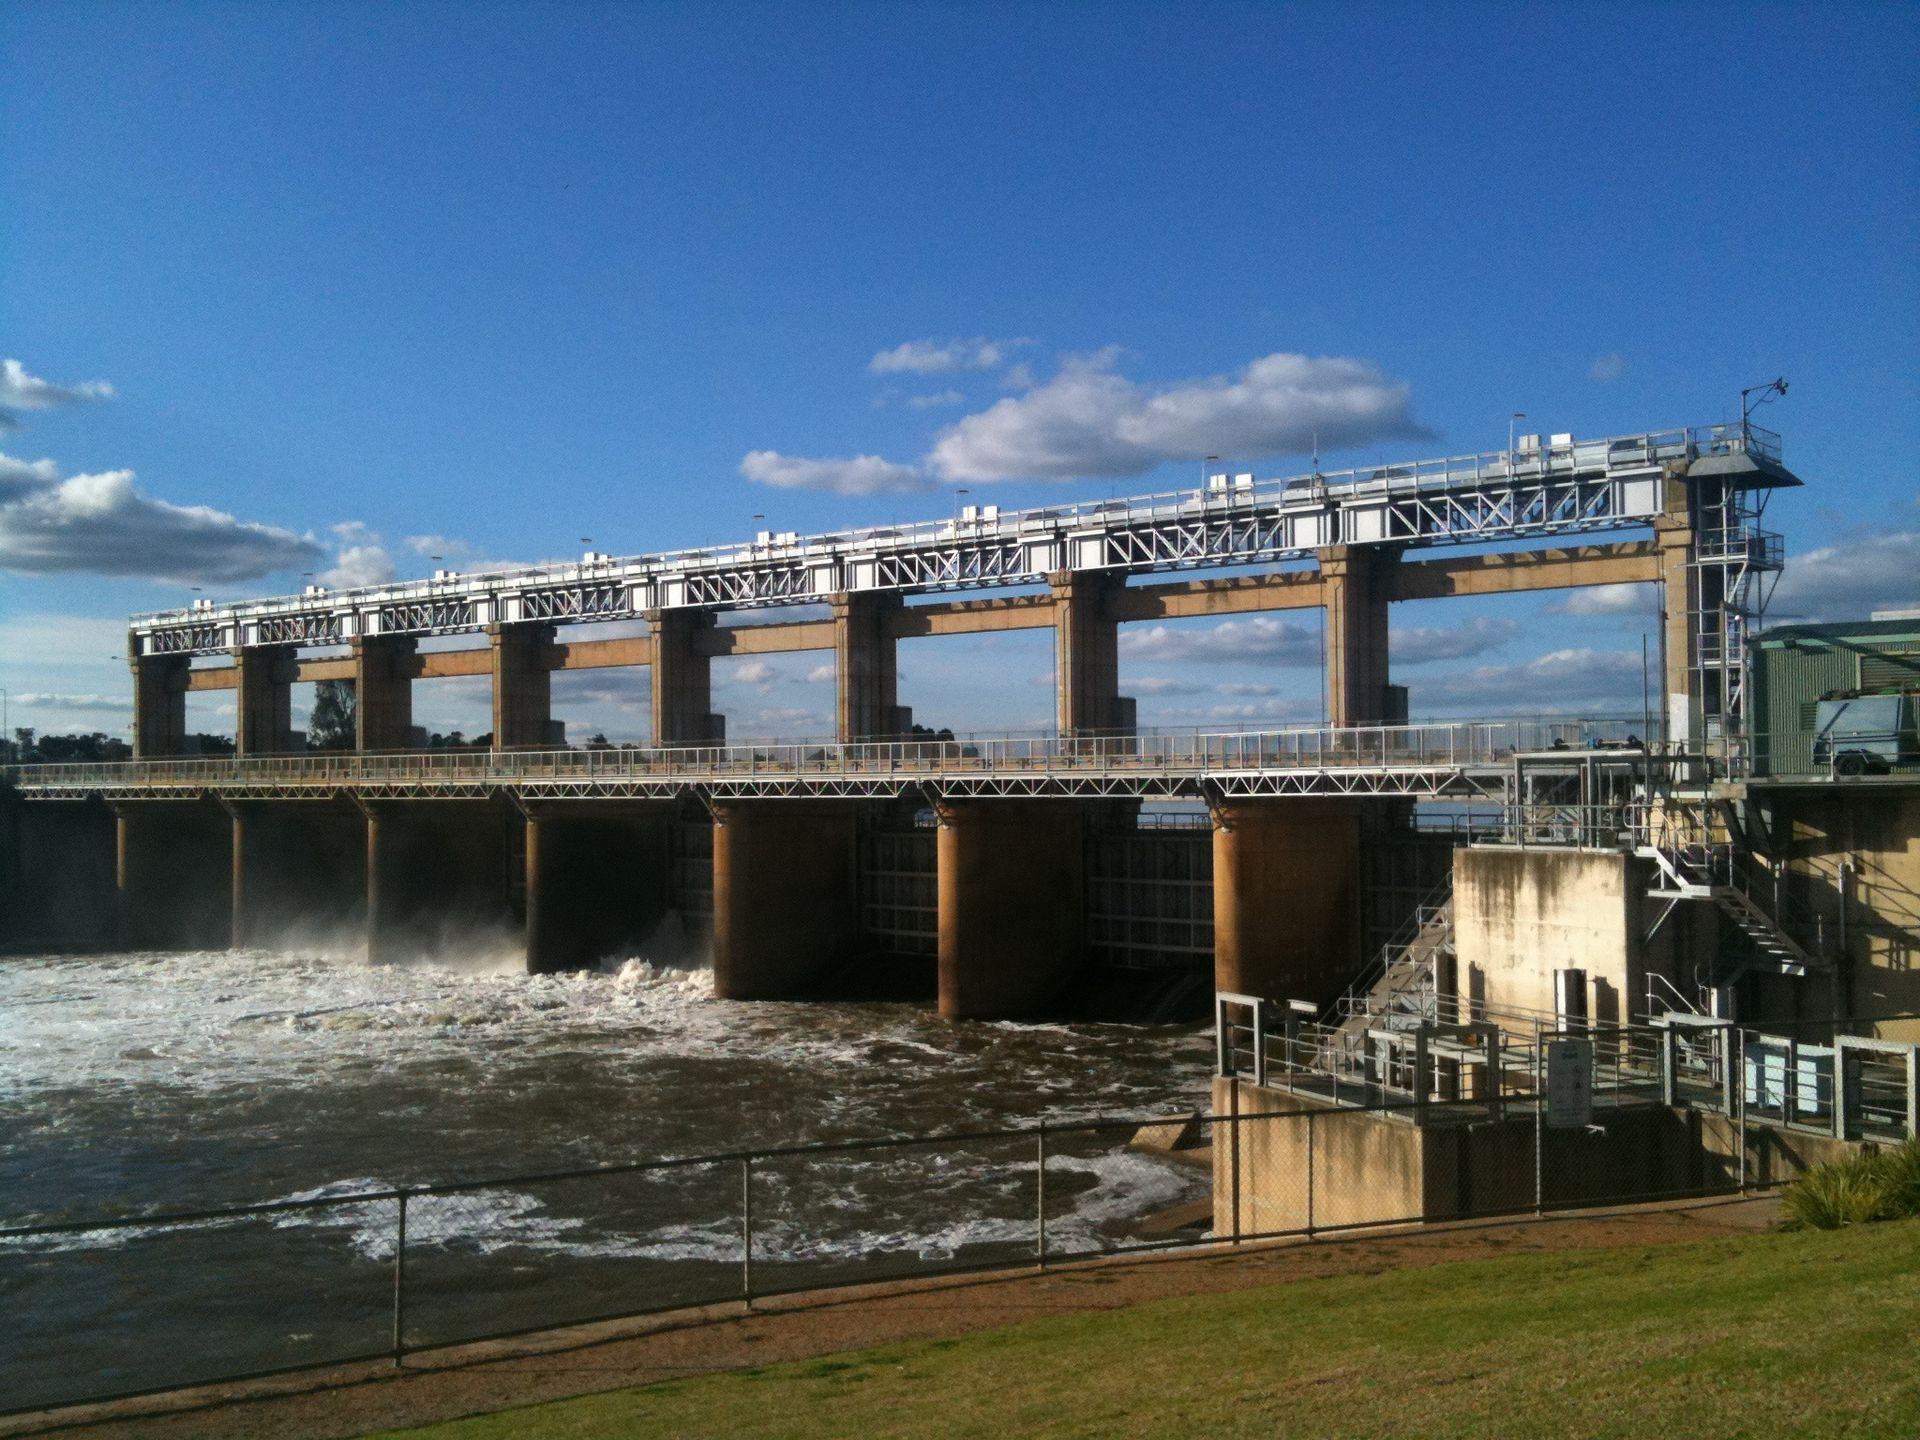 Momentum >> Yarrawonga Weir Power Station - Wikipedia